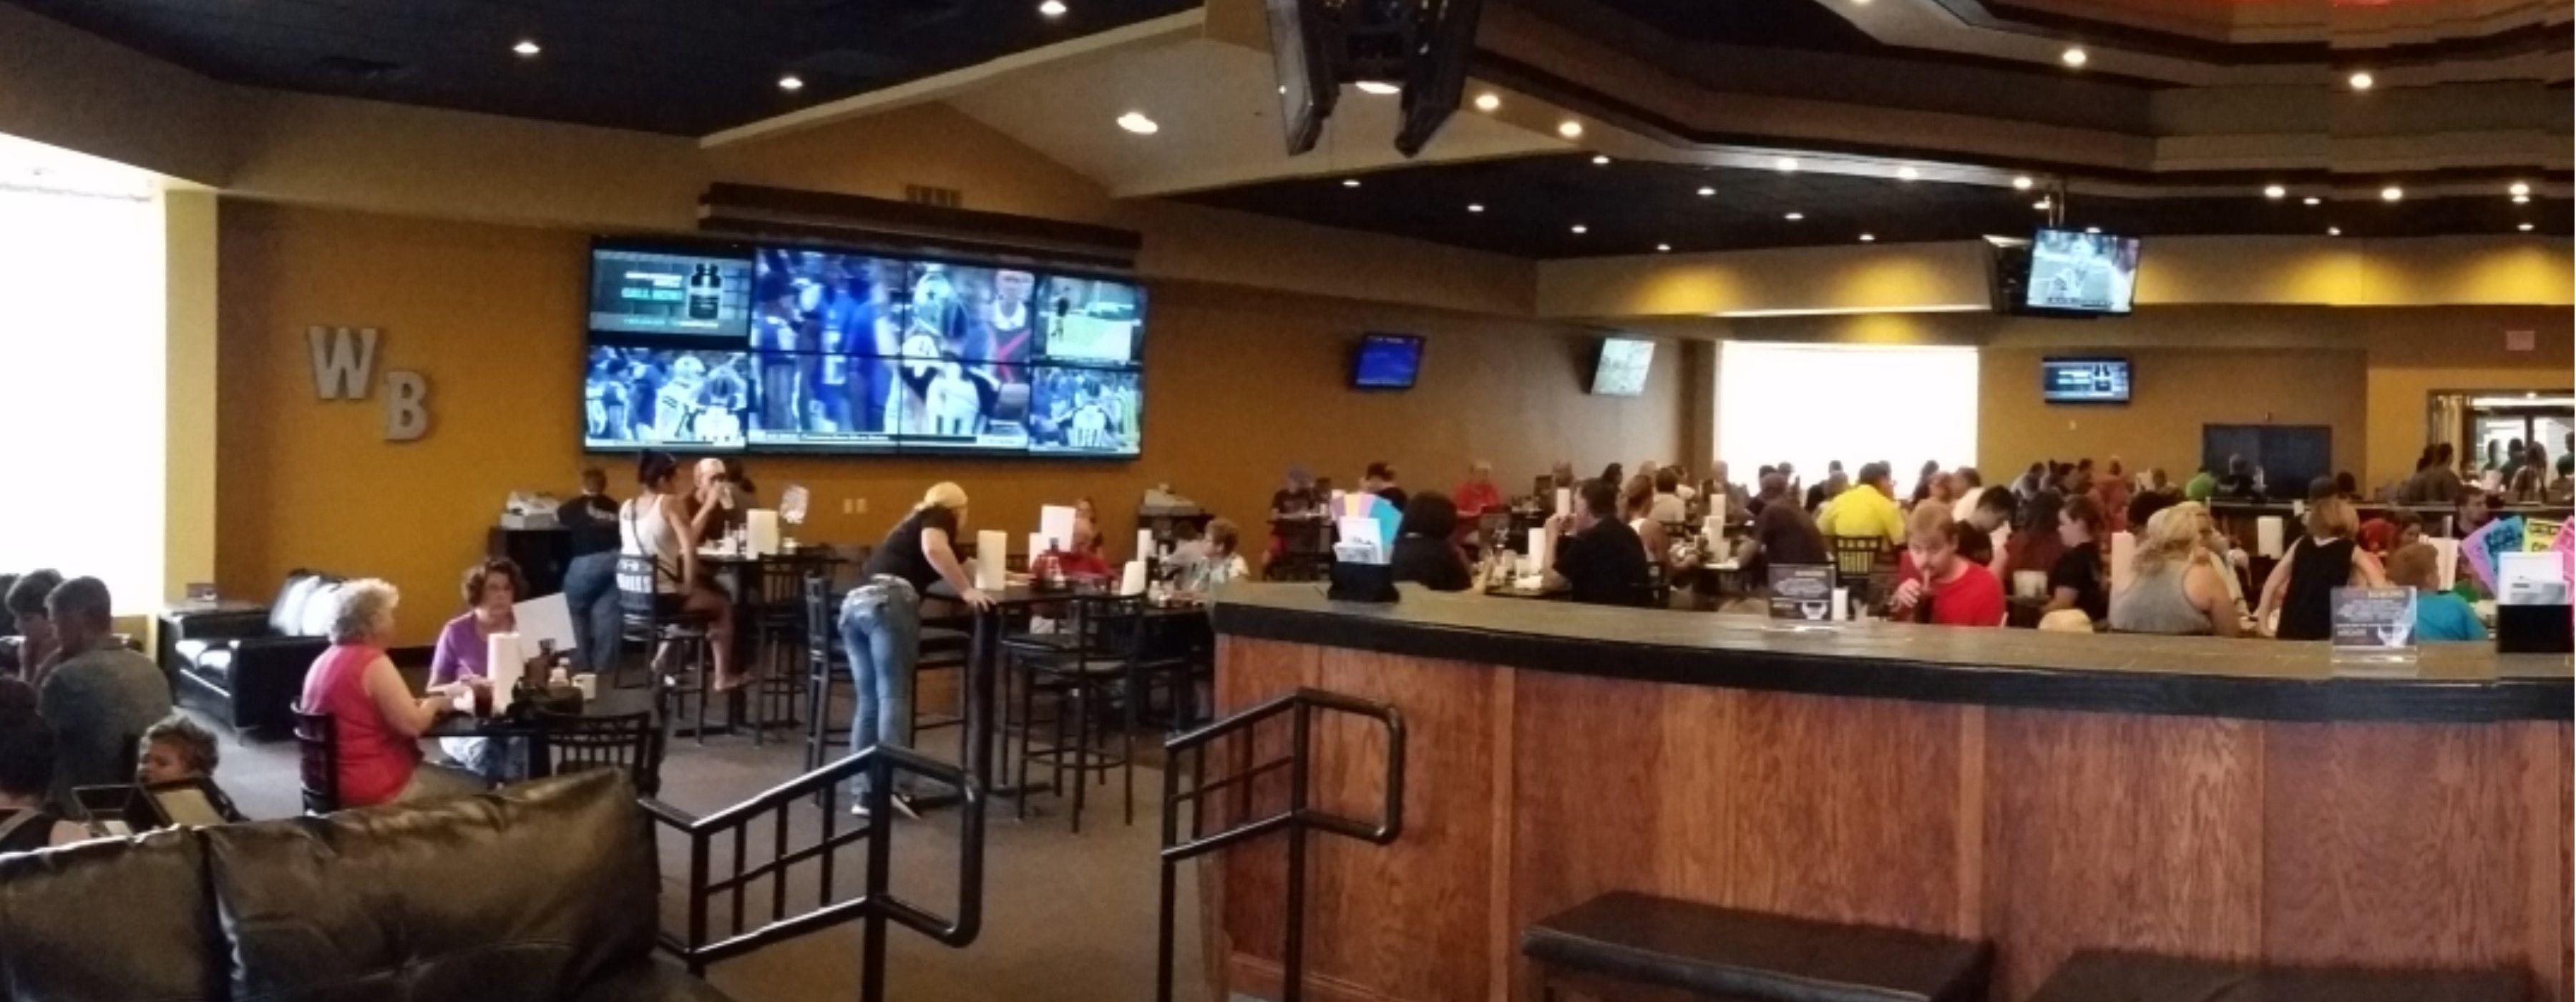 Corporate Parties in North Platte, Nebraska Wild Bills and ...